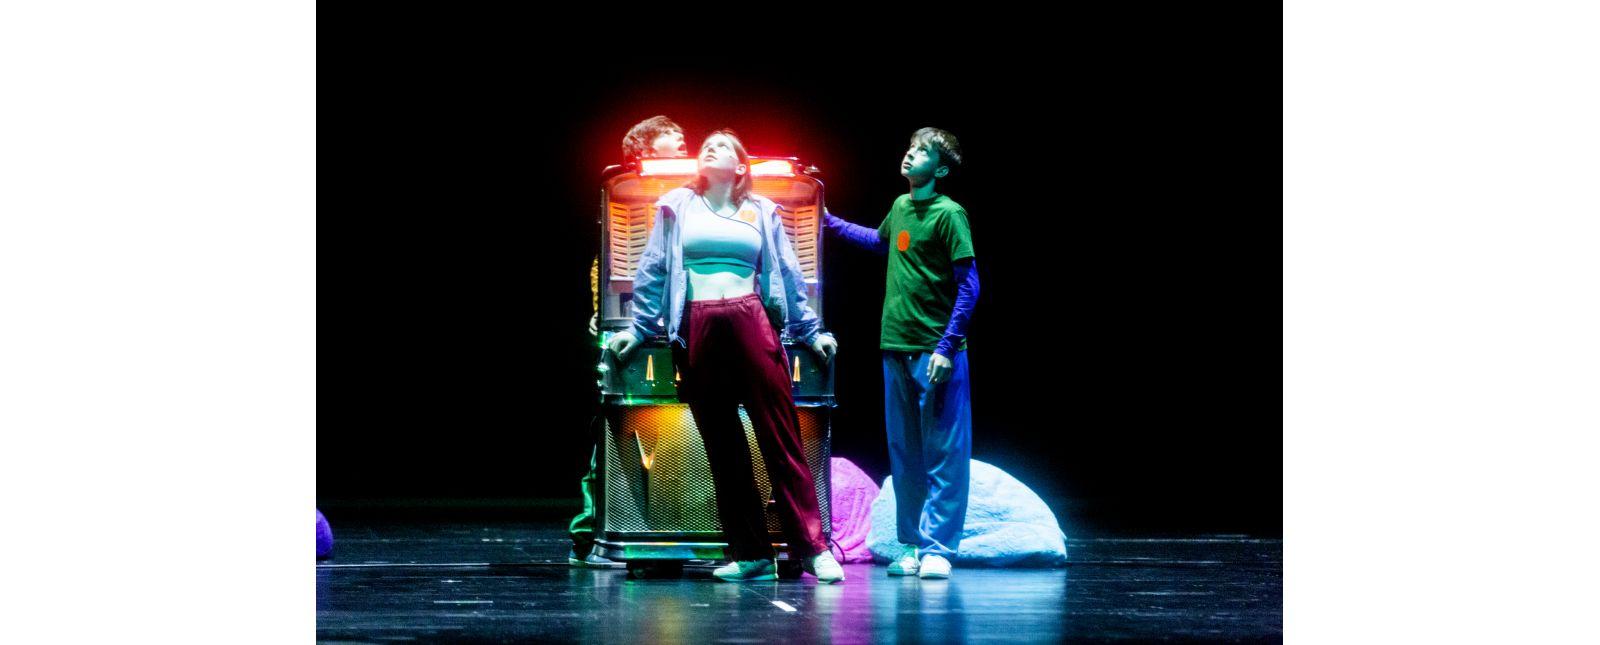 Jukeboxopera // Die Zeitreise der Jugendlichen beginnt mit der Jukebox / Iva Rießler, Leander Neumann, Laurin Pfau Statisterie Theater Freiburg // Foto: Rainer Muranyi